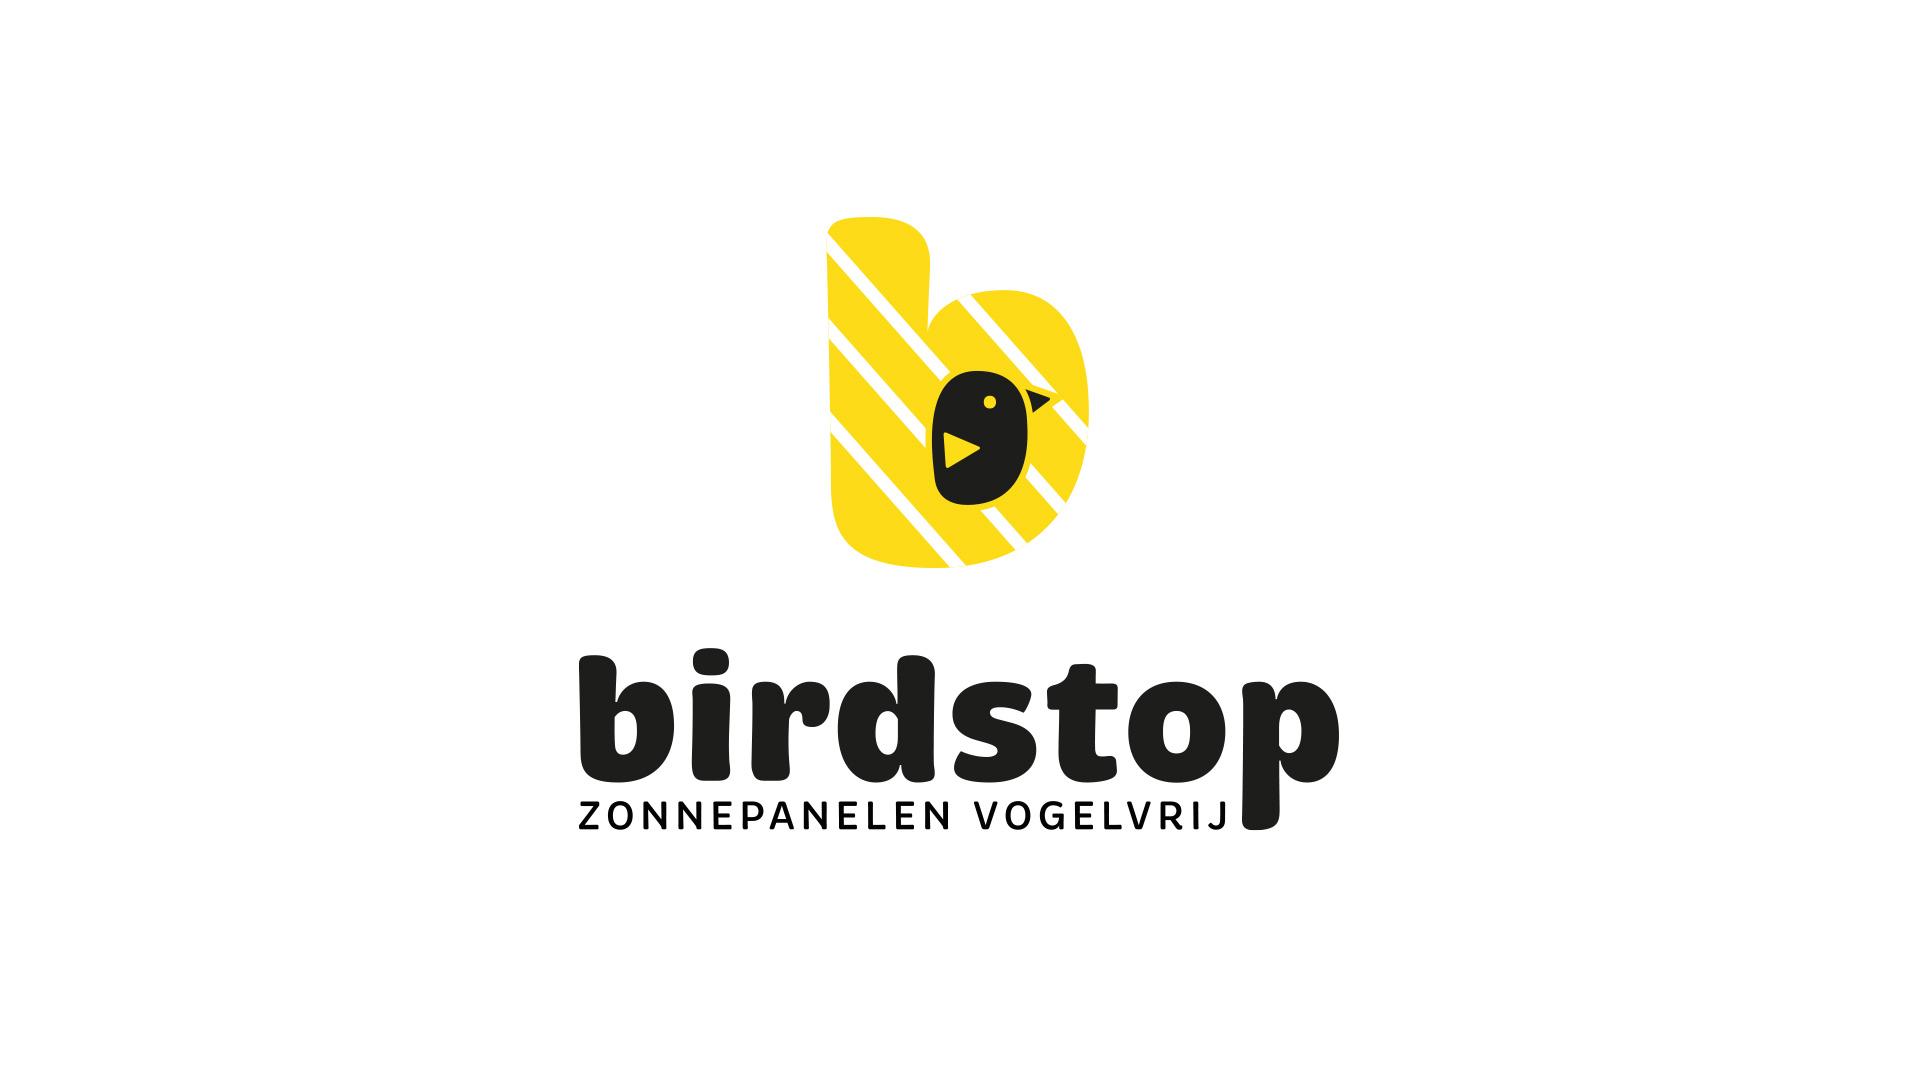 Birdstop logo